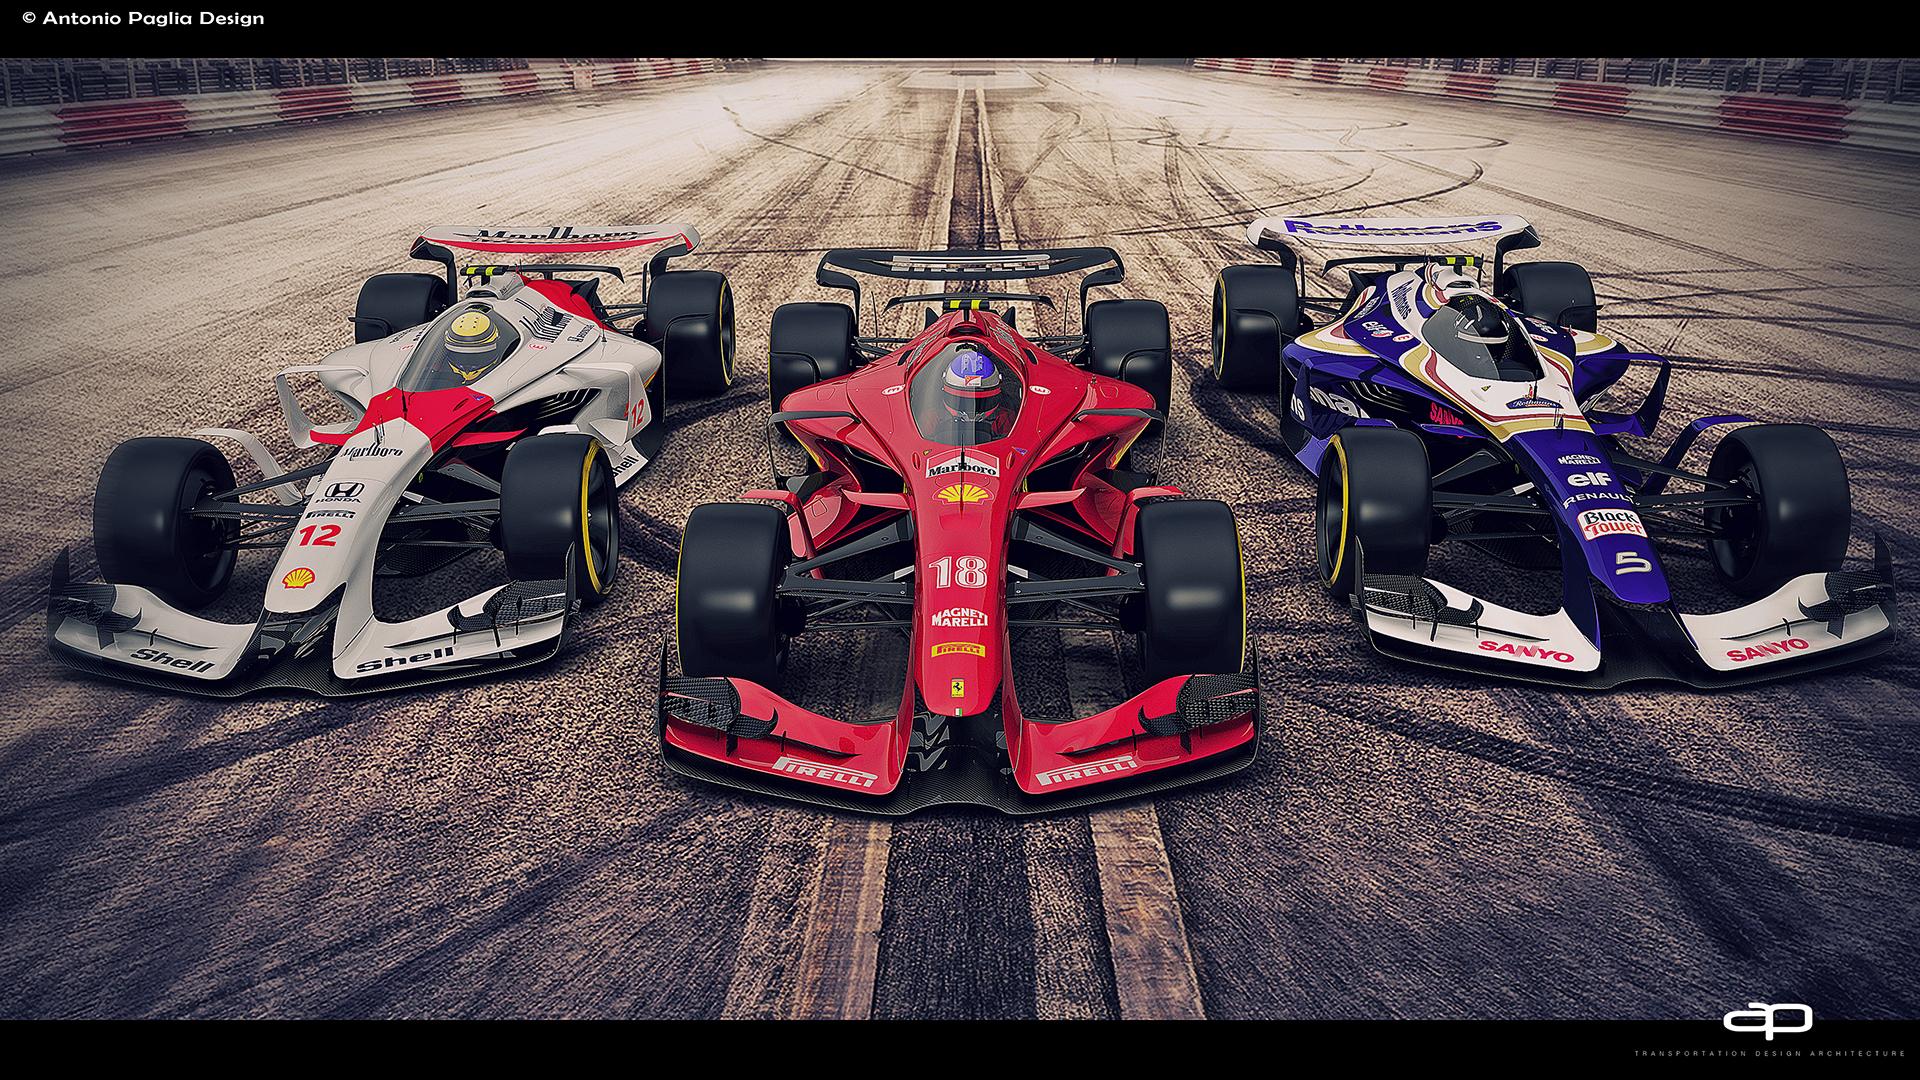 F1 vision concept 2025